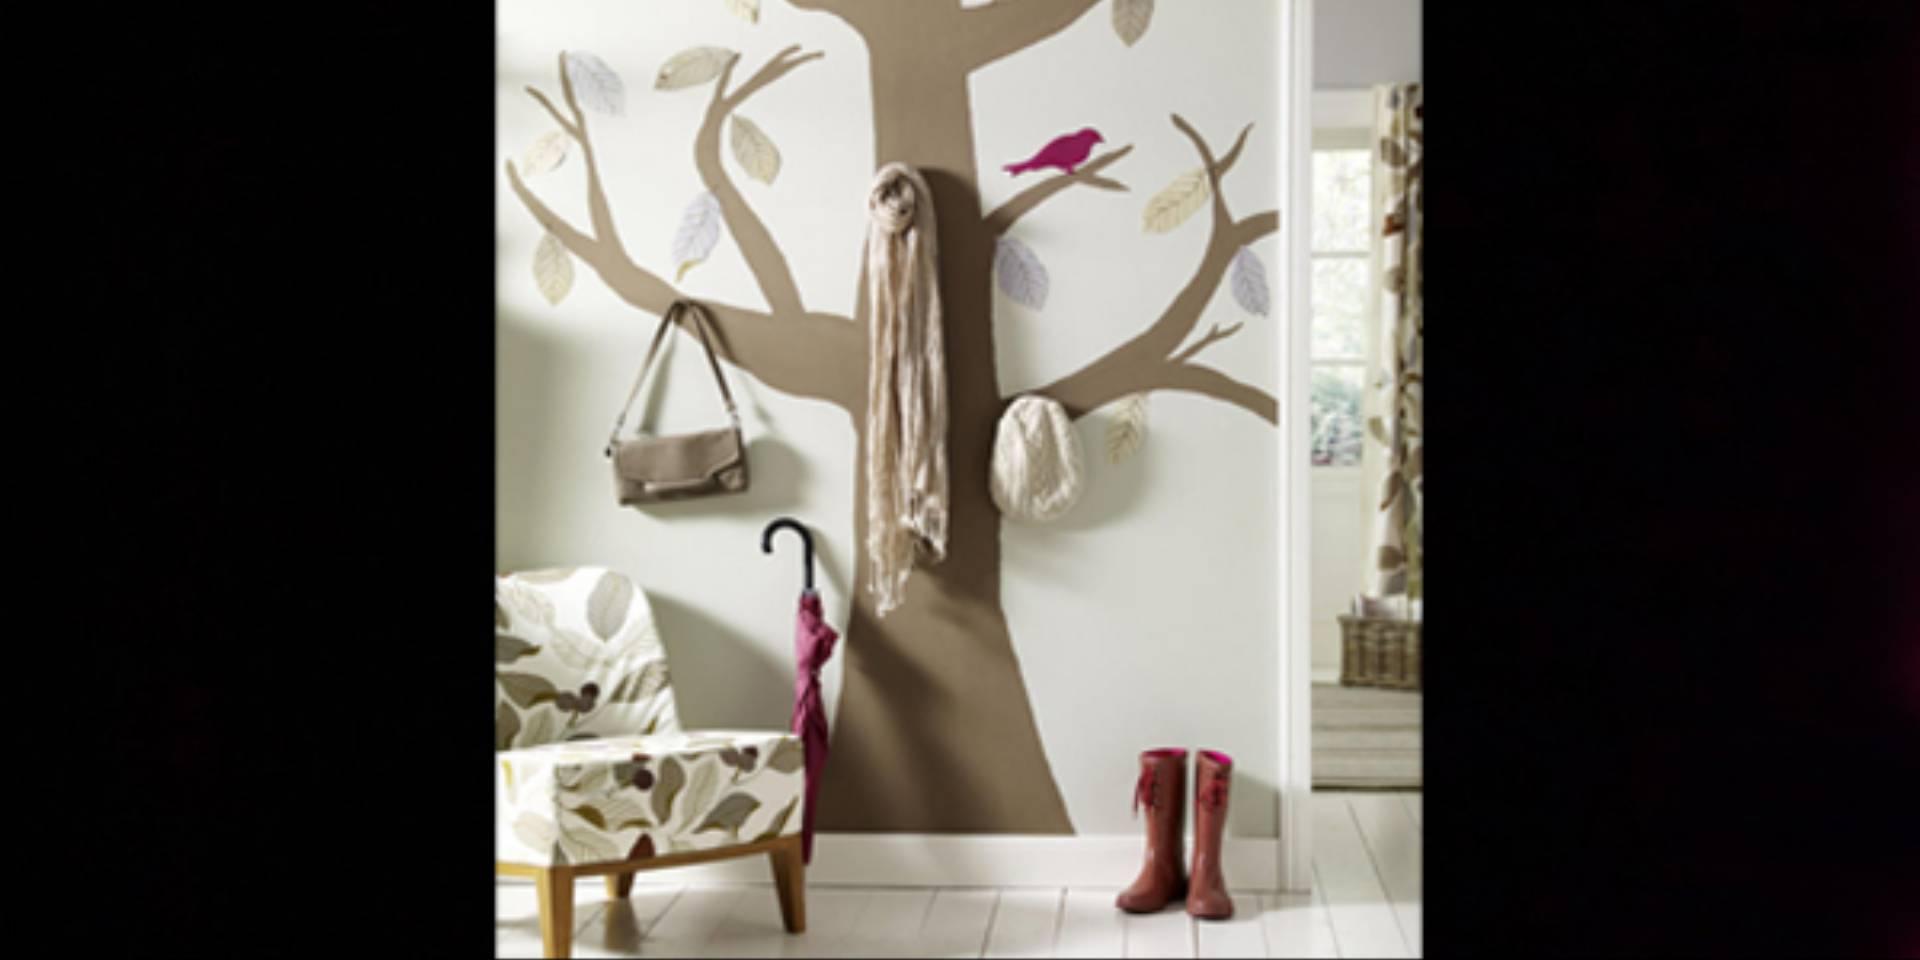 Jesienna-dekoracja-wieszak